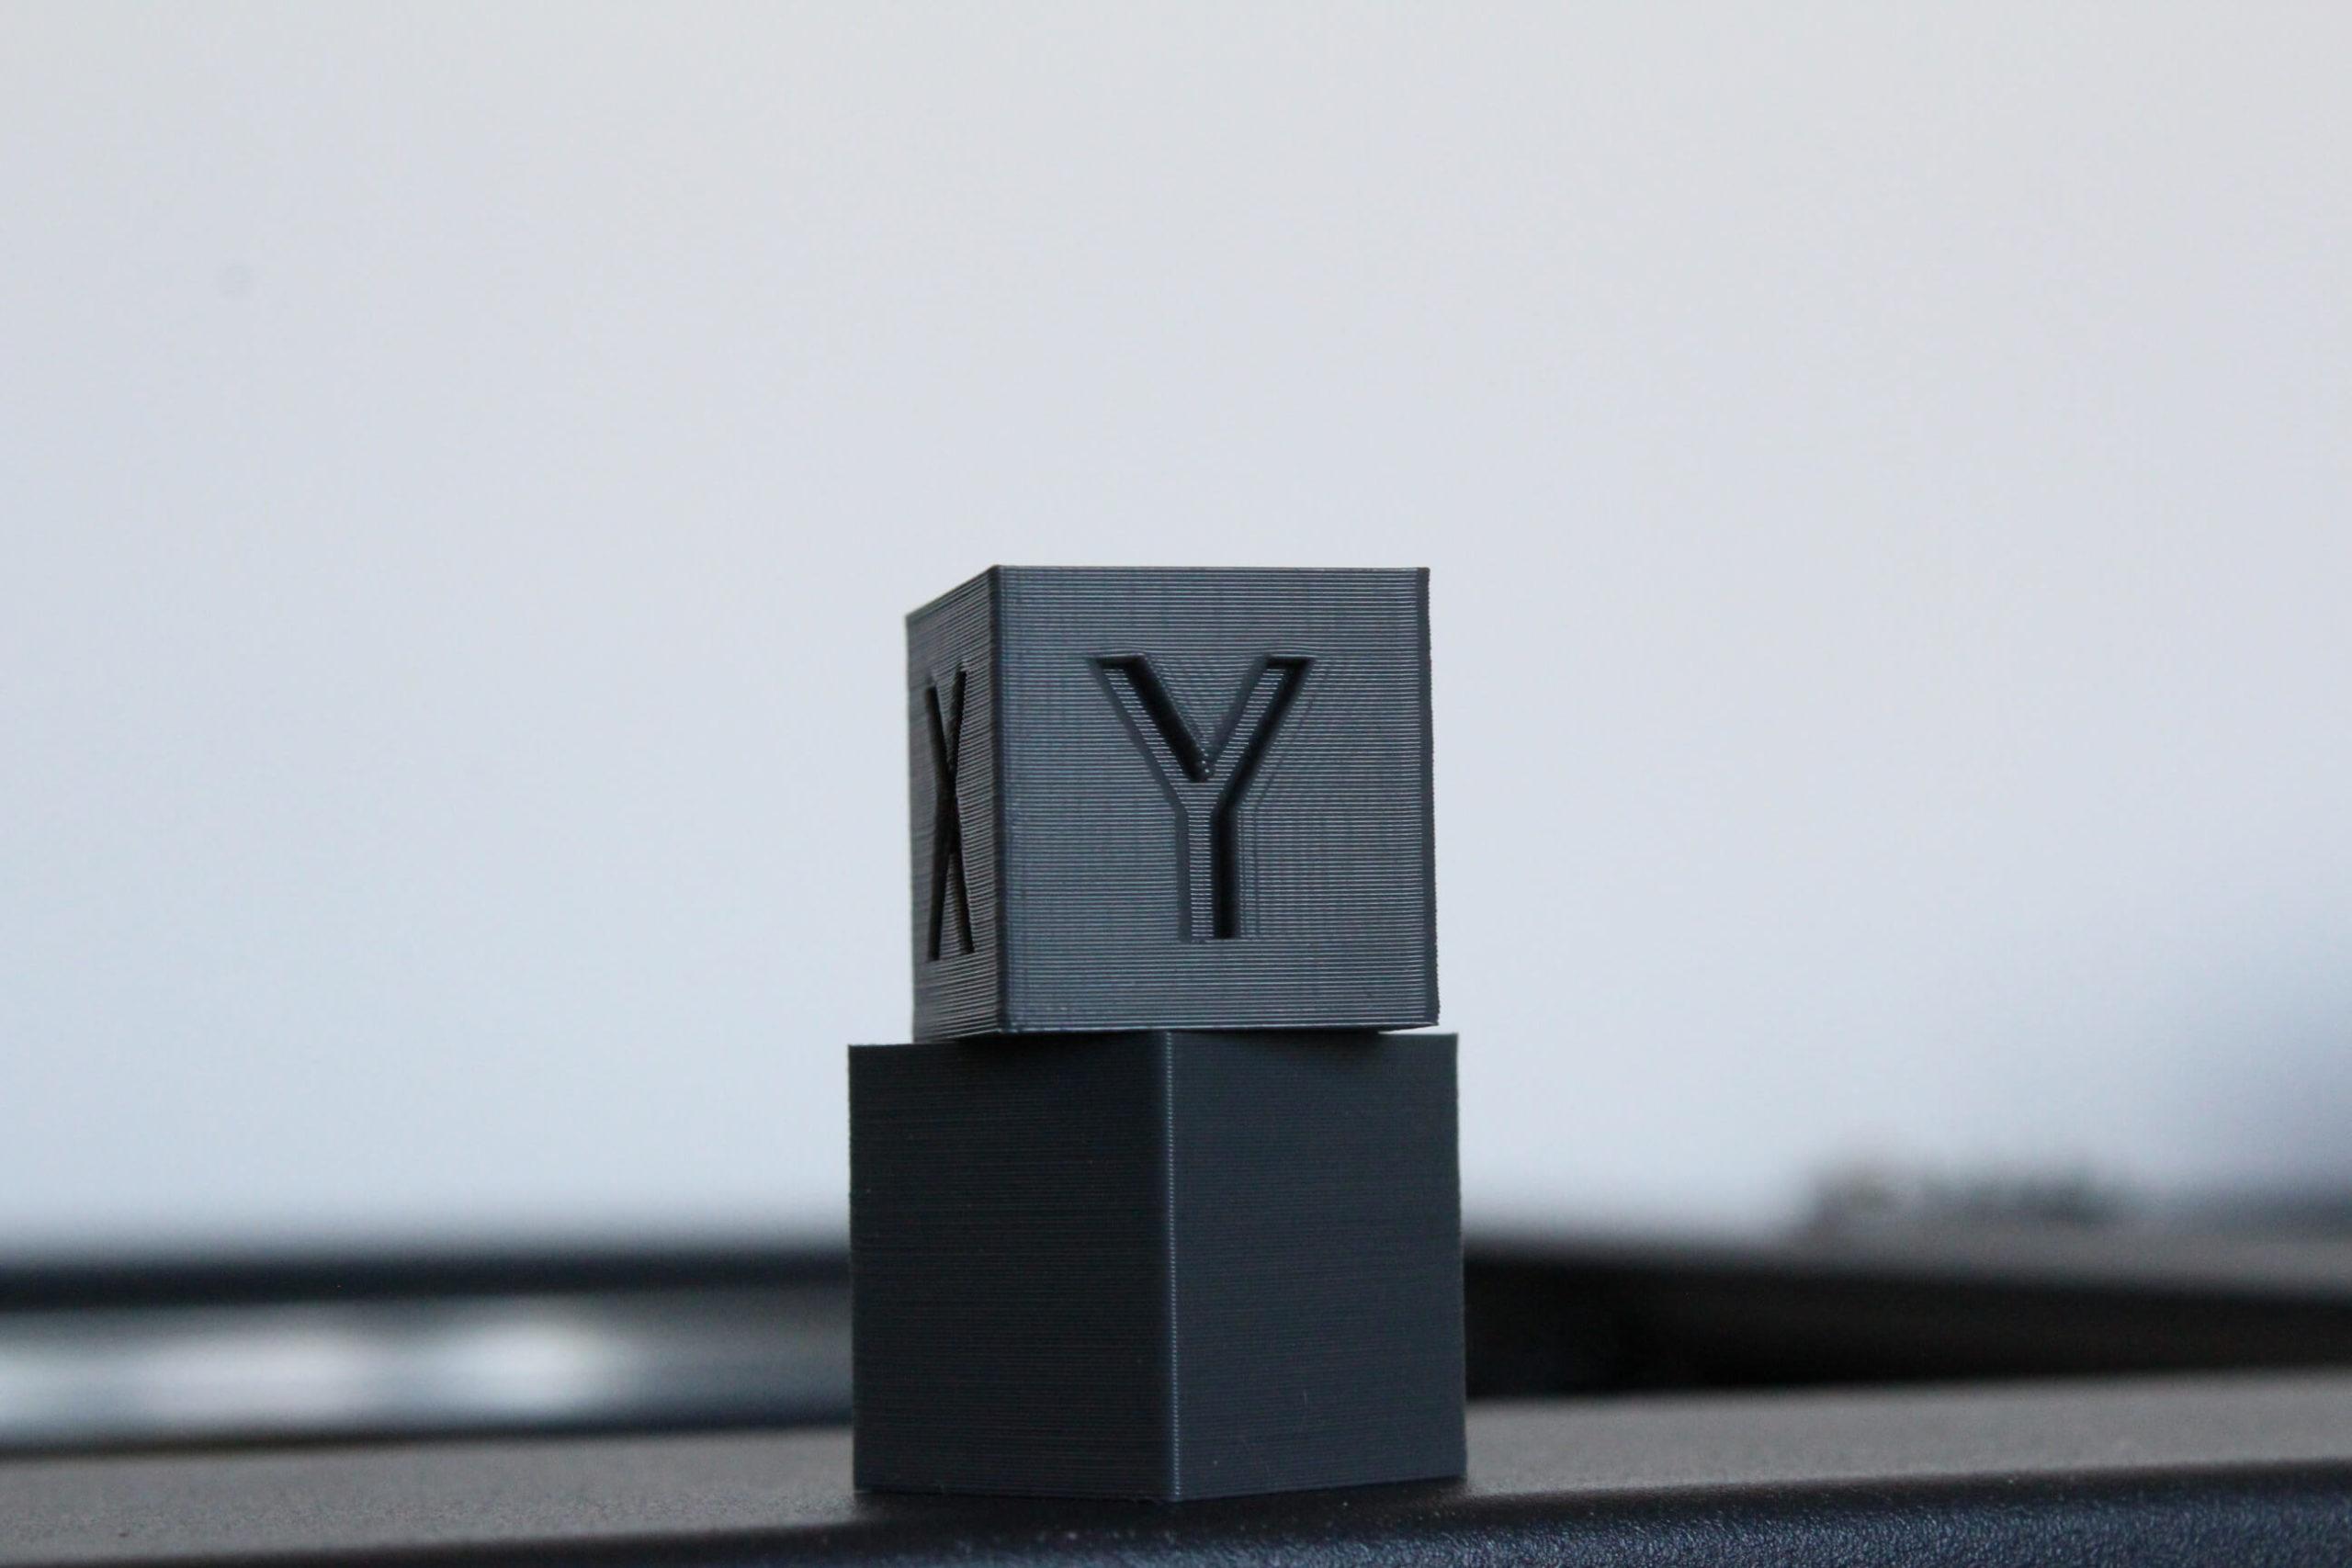 Calibration-Cube-Mingda-D3-Pro-Review-2